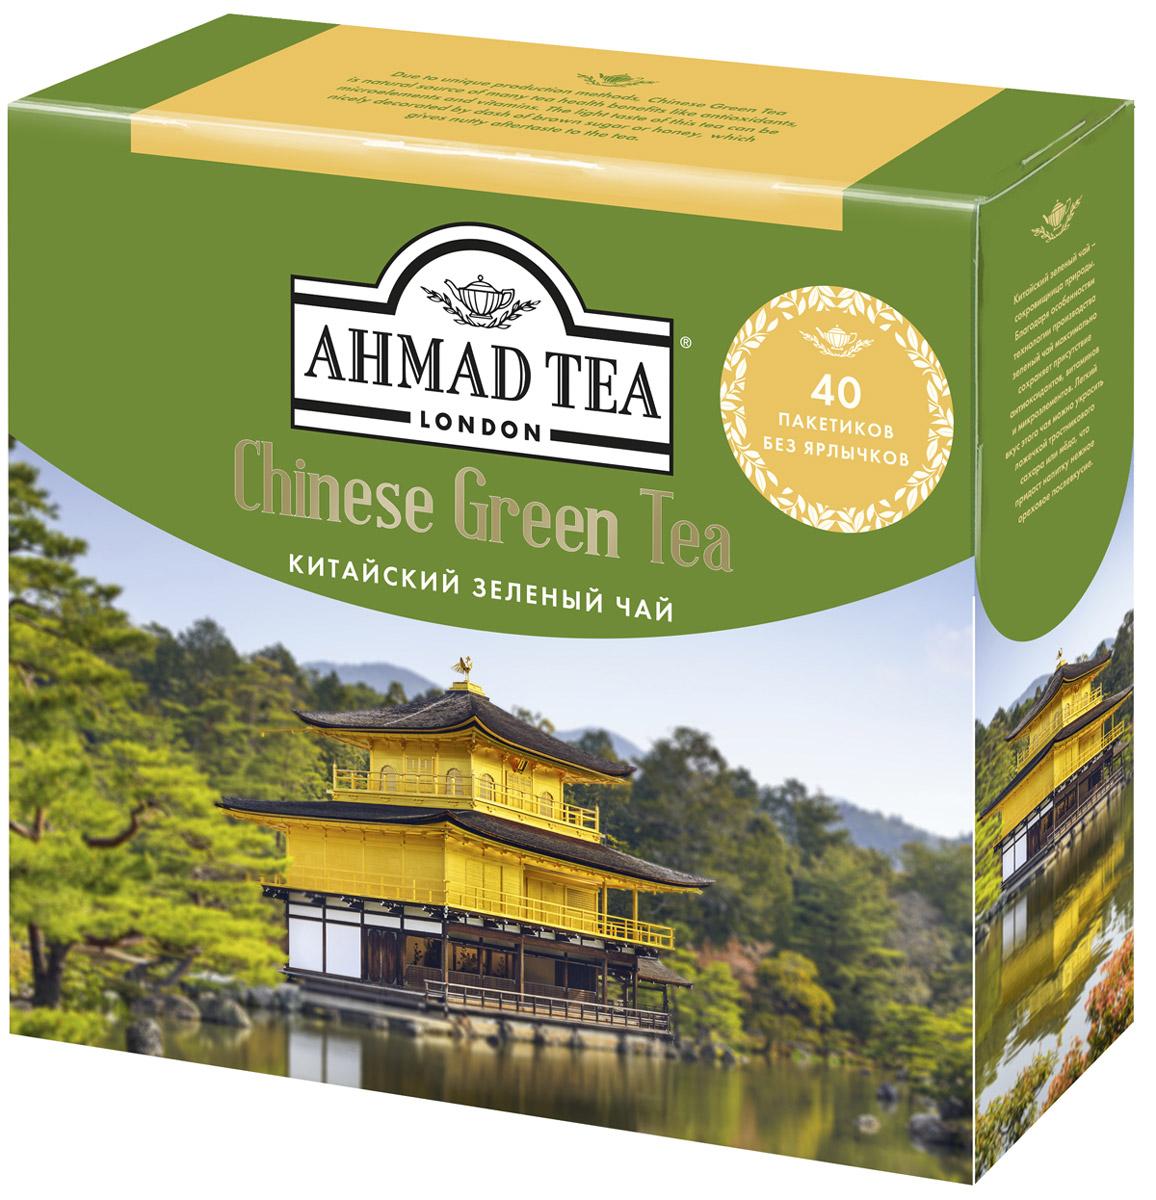 Ahmad Tea Китайский зеленый чай в пакетиках для заваривания в чайнике, 40 шт1584LYКитайский зеленый чай Ahmad Tea - сокровищница природы. Благодаря особенностям технологии производства зеленый чай максимально сохраняет присутствие антиоксидантов, витаминов и микроэлементов. Легкий вкус этого чая можно украсить ложечкой тростникового сахара, меда, что придаст напитку нежное ореховое послевкусие. Уважаемые клиенты! Обращаем ваше внимание на то, что упаковка может иметь несколько видов дизайна. Поставка осуществляется в зависимости от наличия на складе.